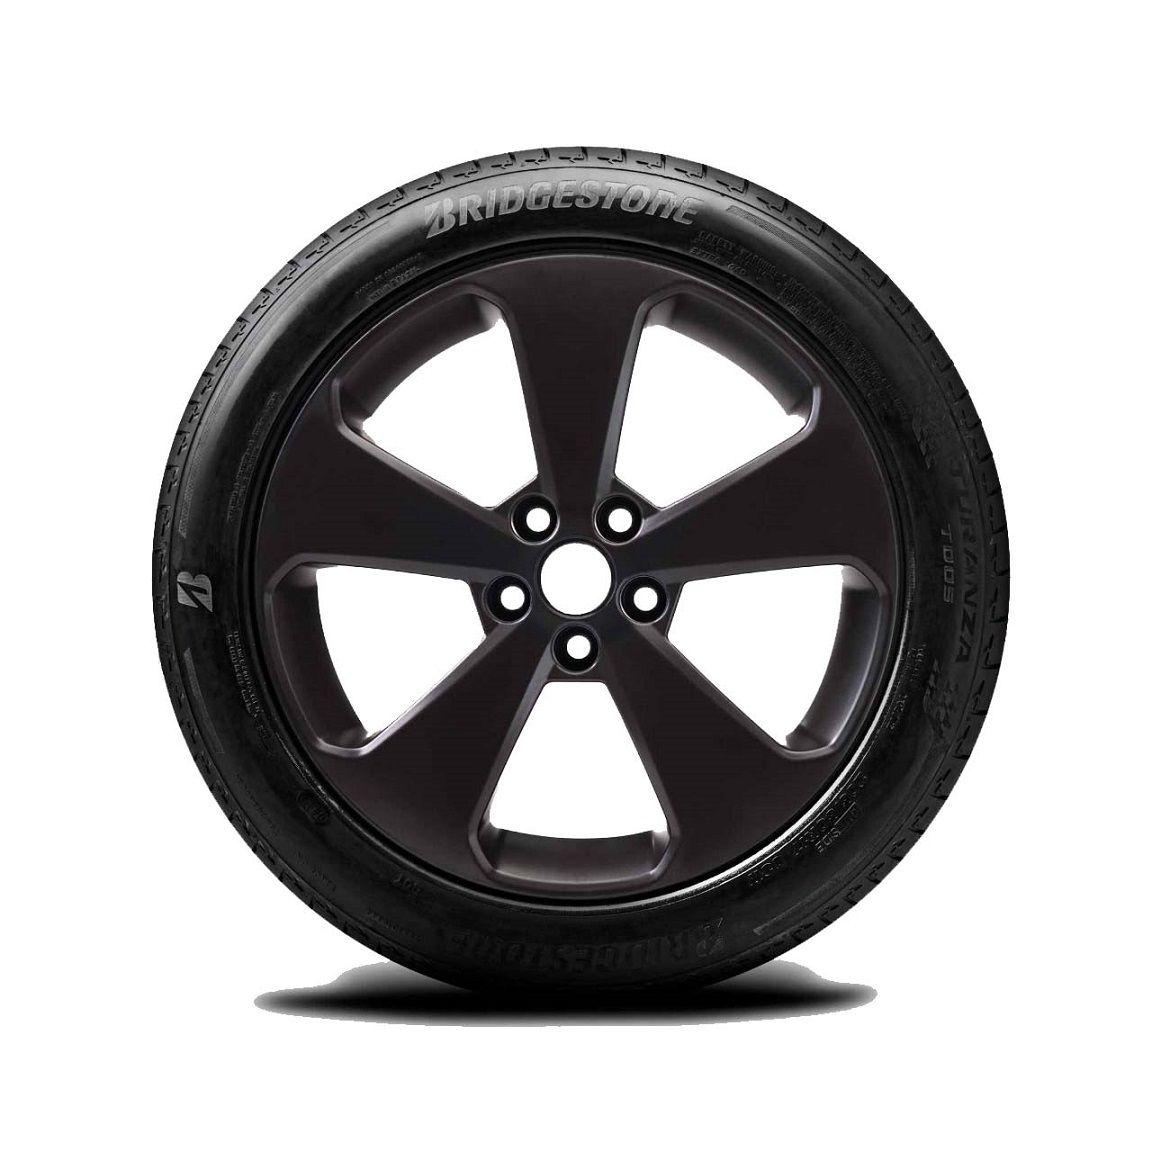 Pneu 205/40 R 17 - Turanza T005 84W - Bridgestone